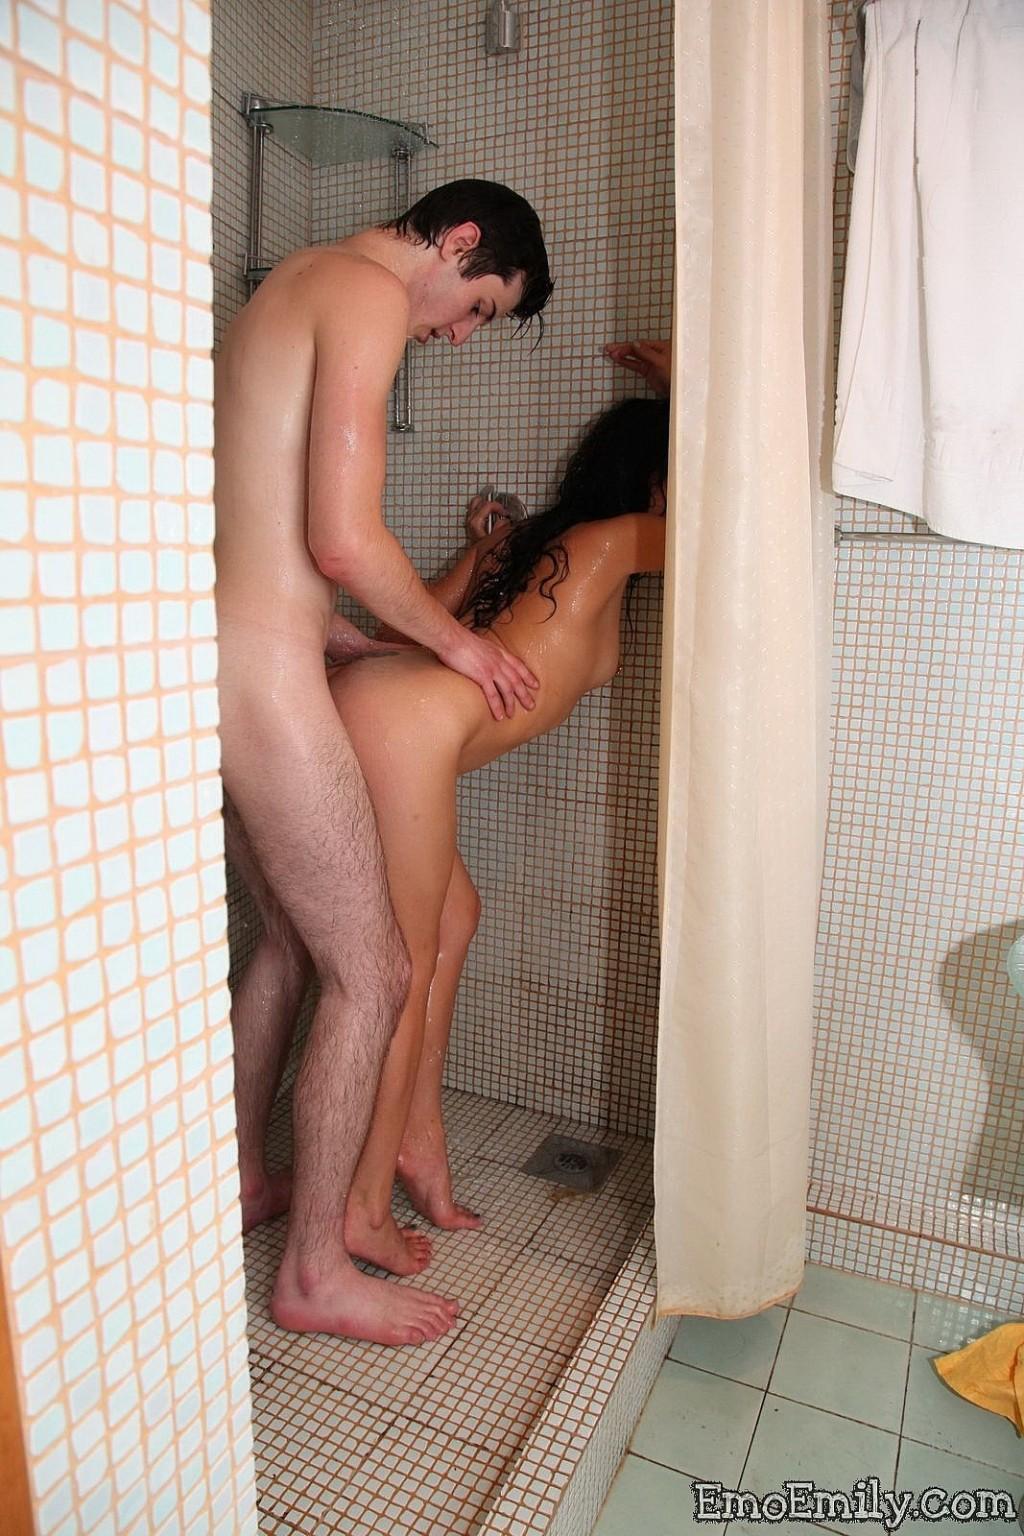 английский секс трахает в ванной душе бане на природе рассказывать